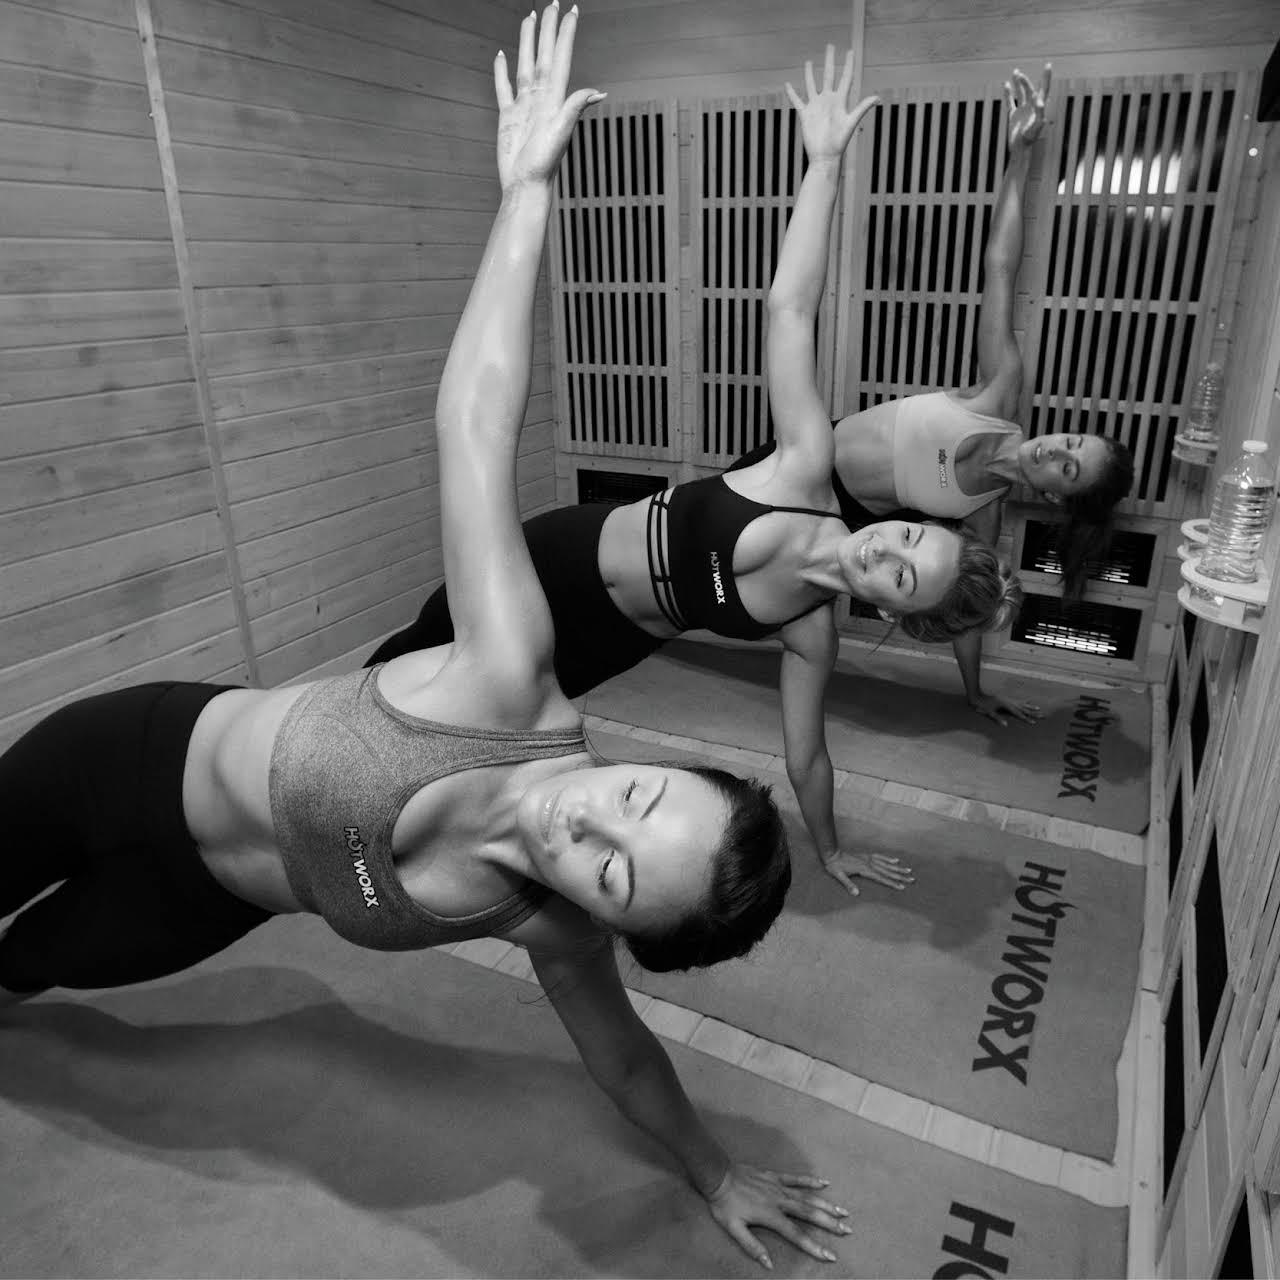 HOTWORX - Murfreesboro, TN - Yoga Studio in Murfreesboro